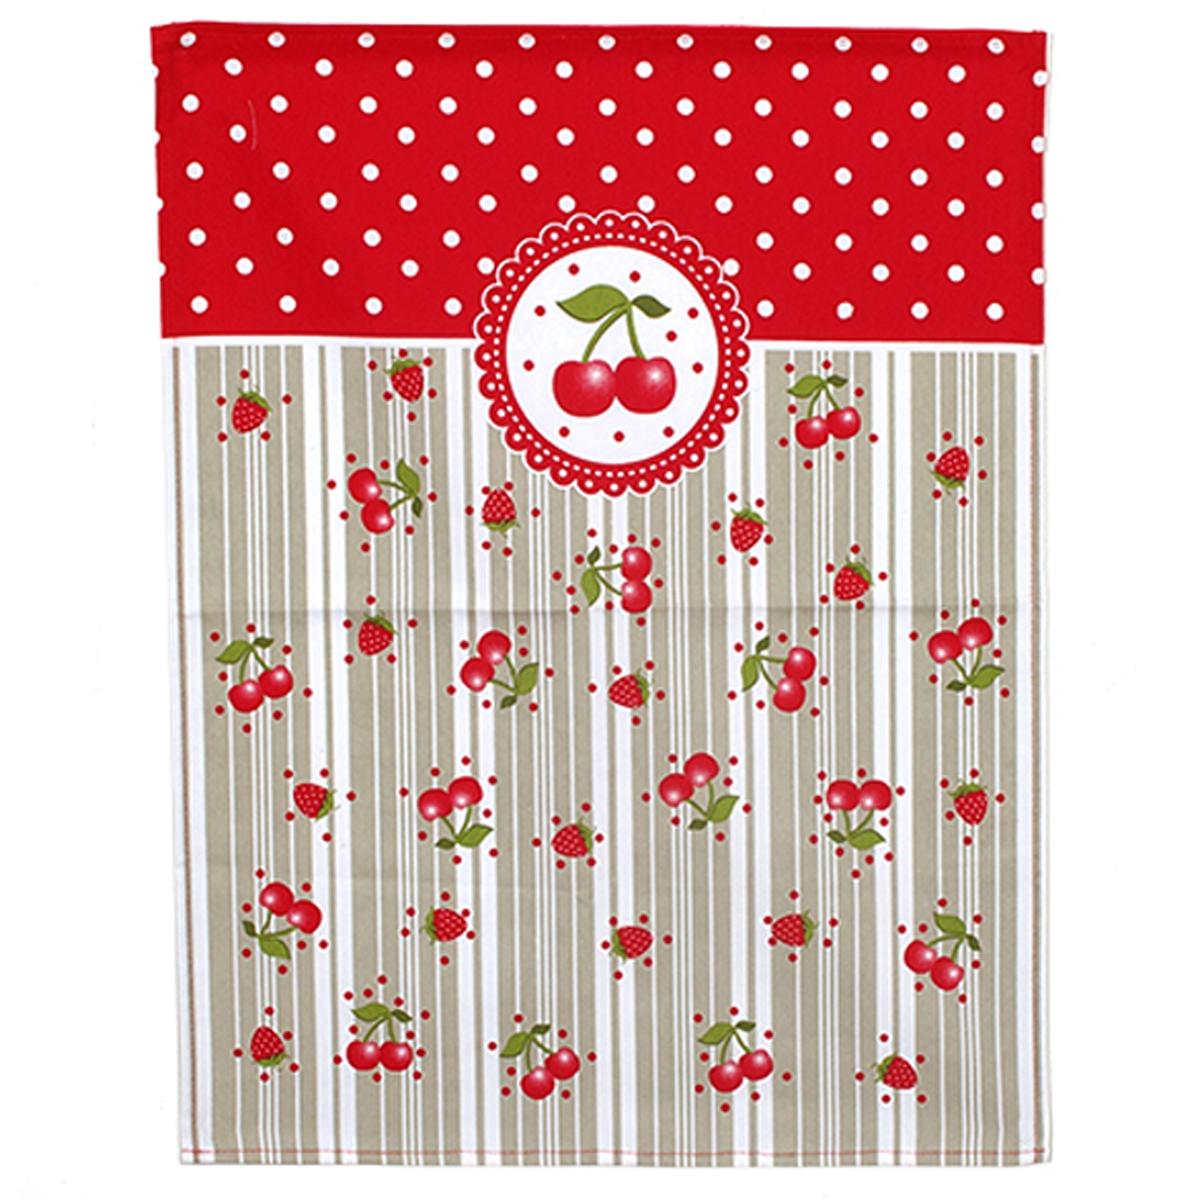 Torchon coton \'Cerises\' rouge taupe - 60x45 cm - [A0255]